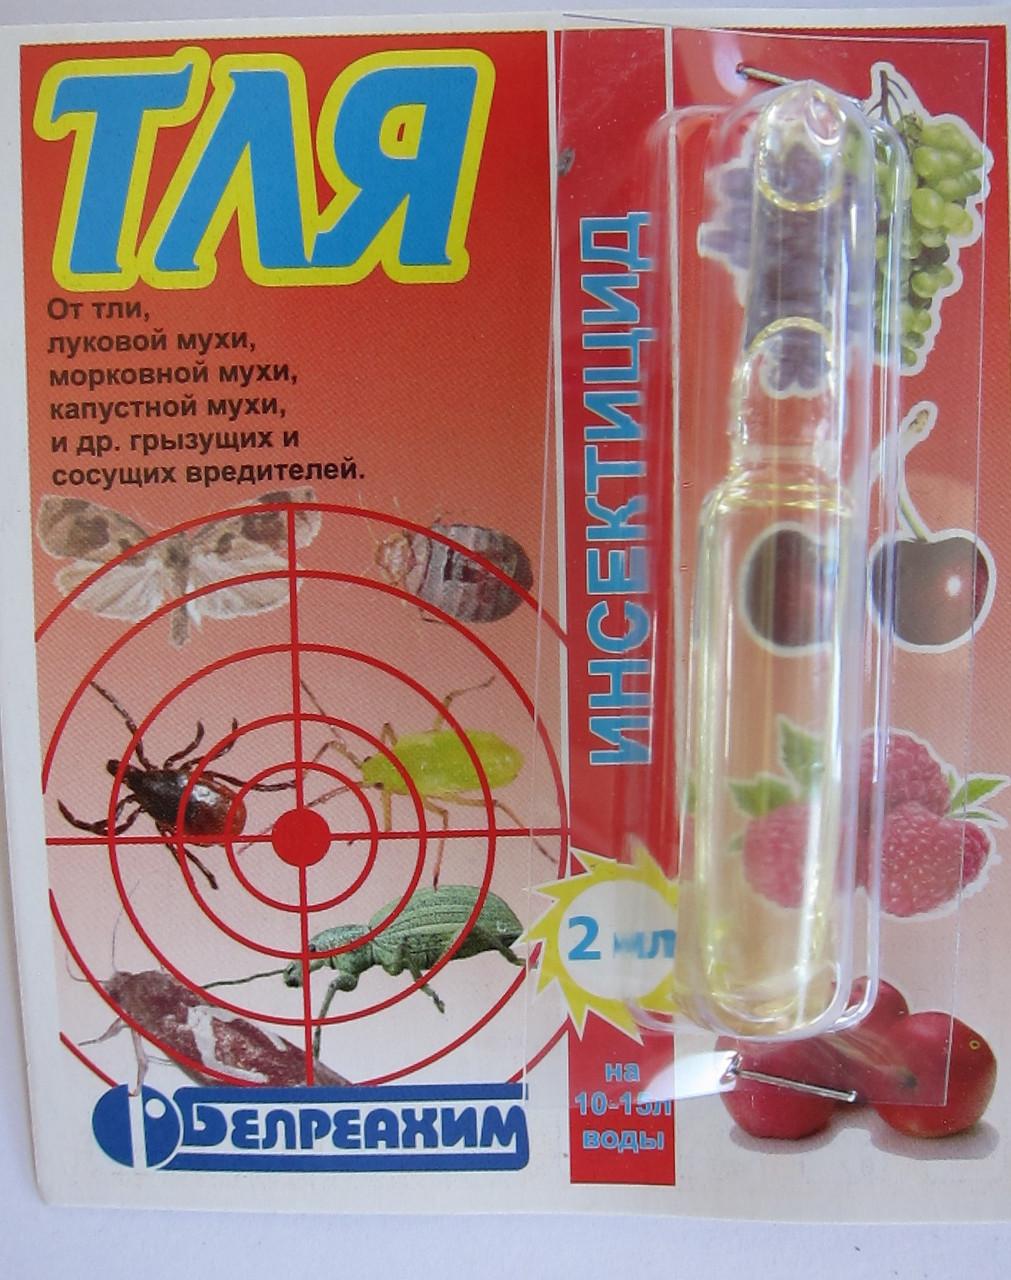 Инсектицид Тля 2 мл (блистер) (лучшая цена купить оптом и в розницу)